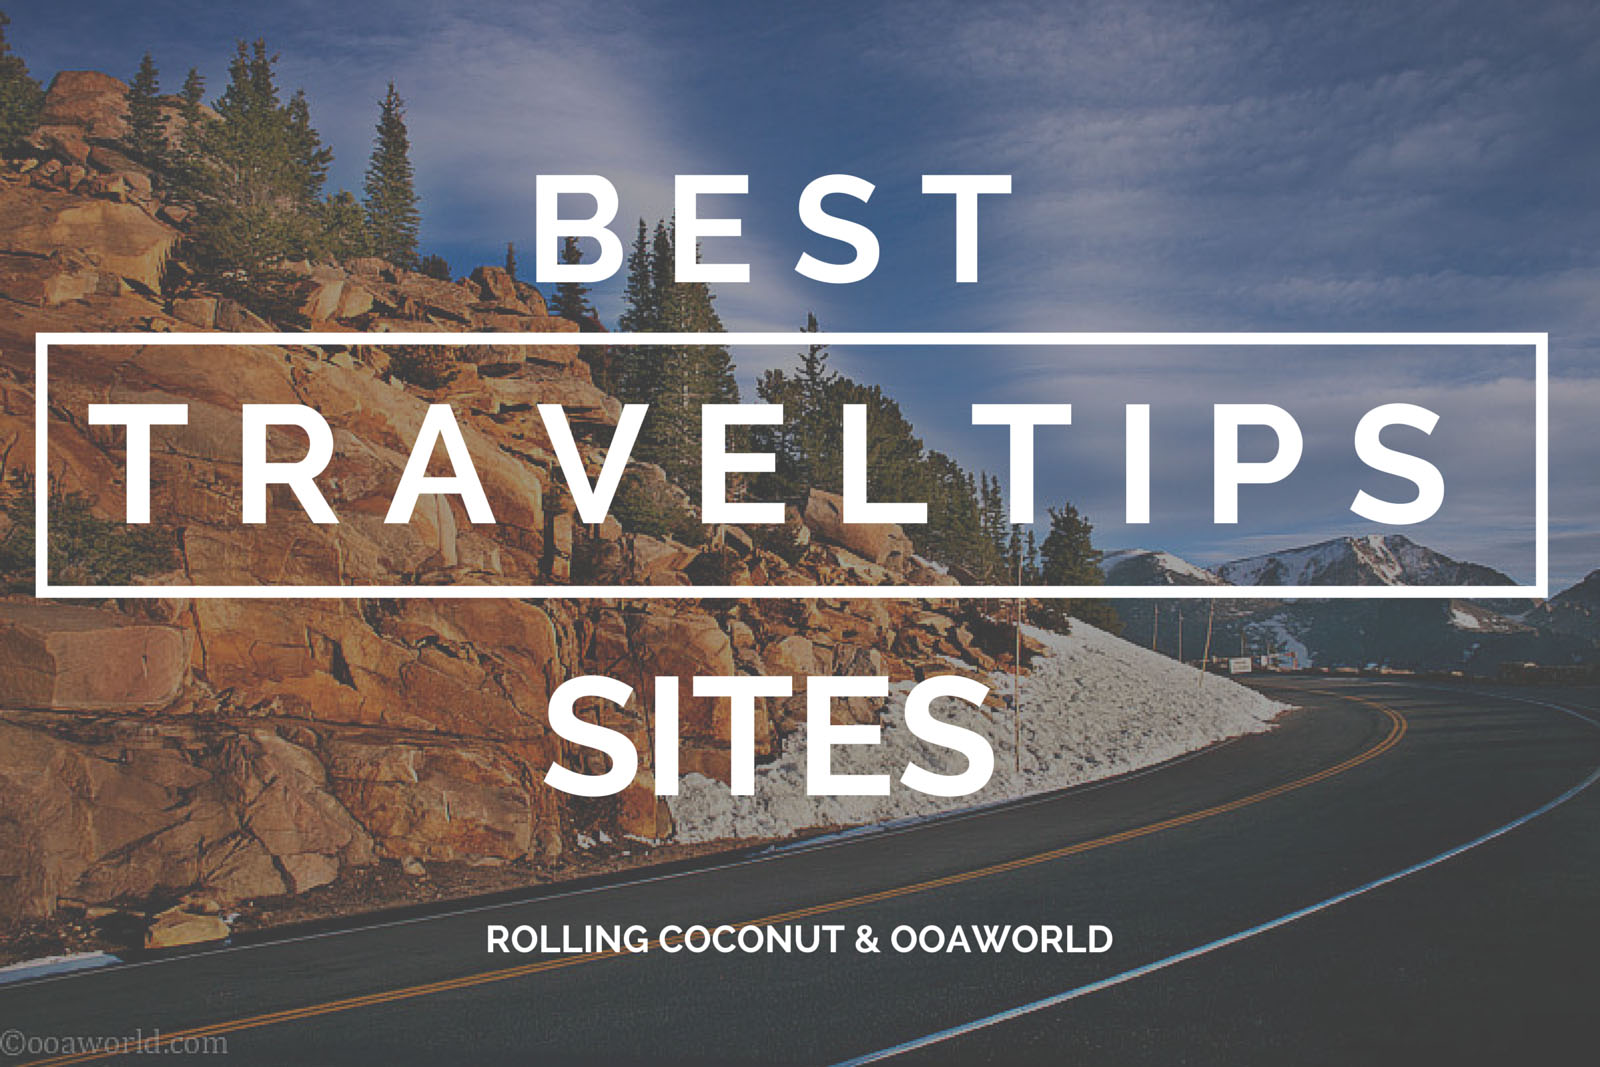 Best Travel Tips Sites Ooaworld Photo Ooaworld